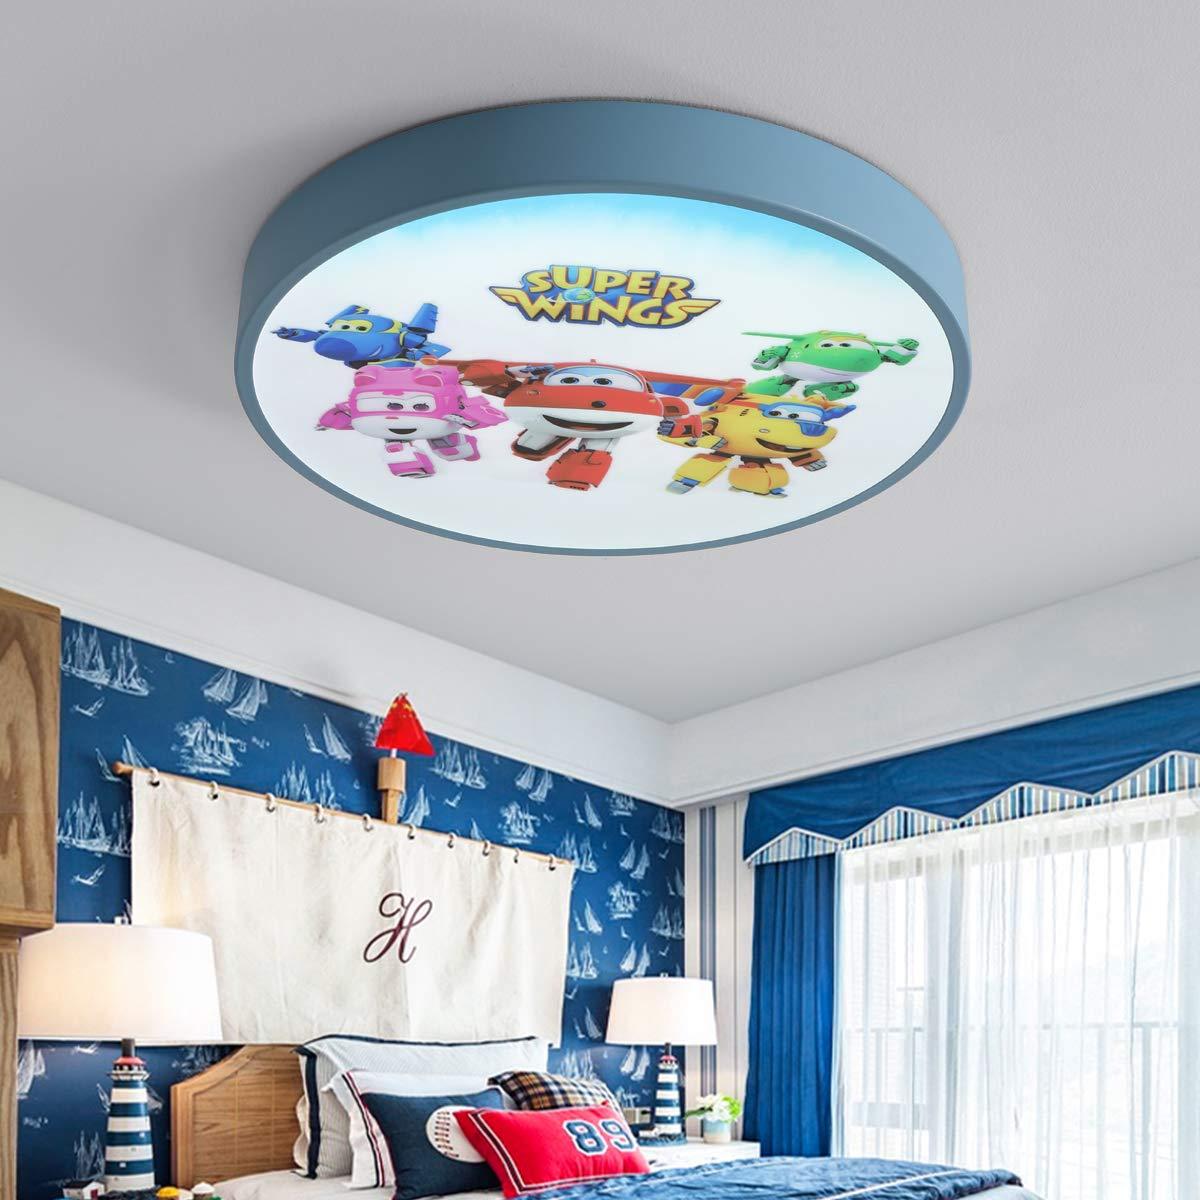 Super Wings 24W Deckenleuchte LED ultra d/ünne Deckenlampe dimmbar mit Fernbedienung 3000-6000K moderne Lampe f/ür k/üche Dieler Schlafzimmer Wohnzimmer 40 Blau 40 5cm